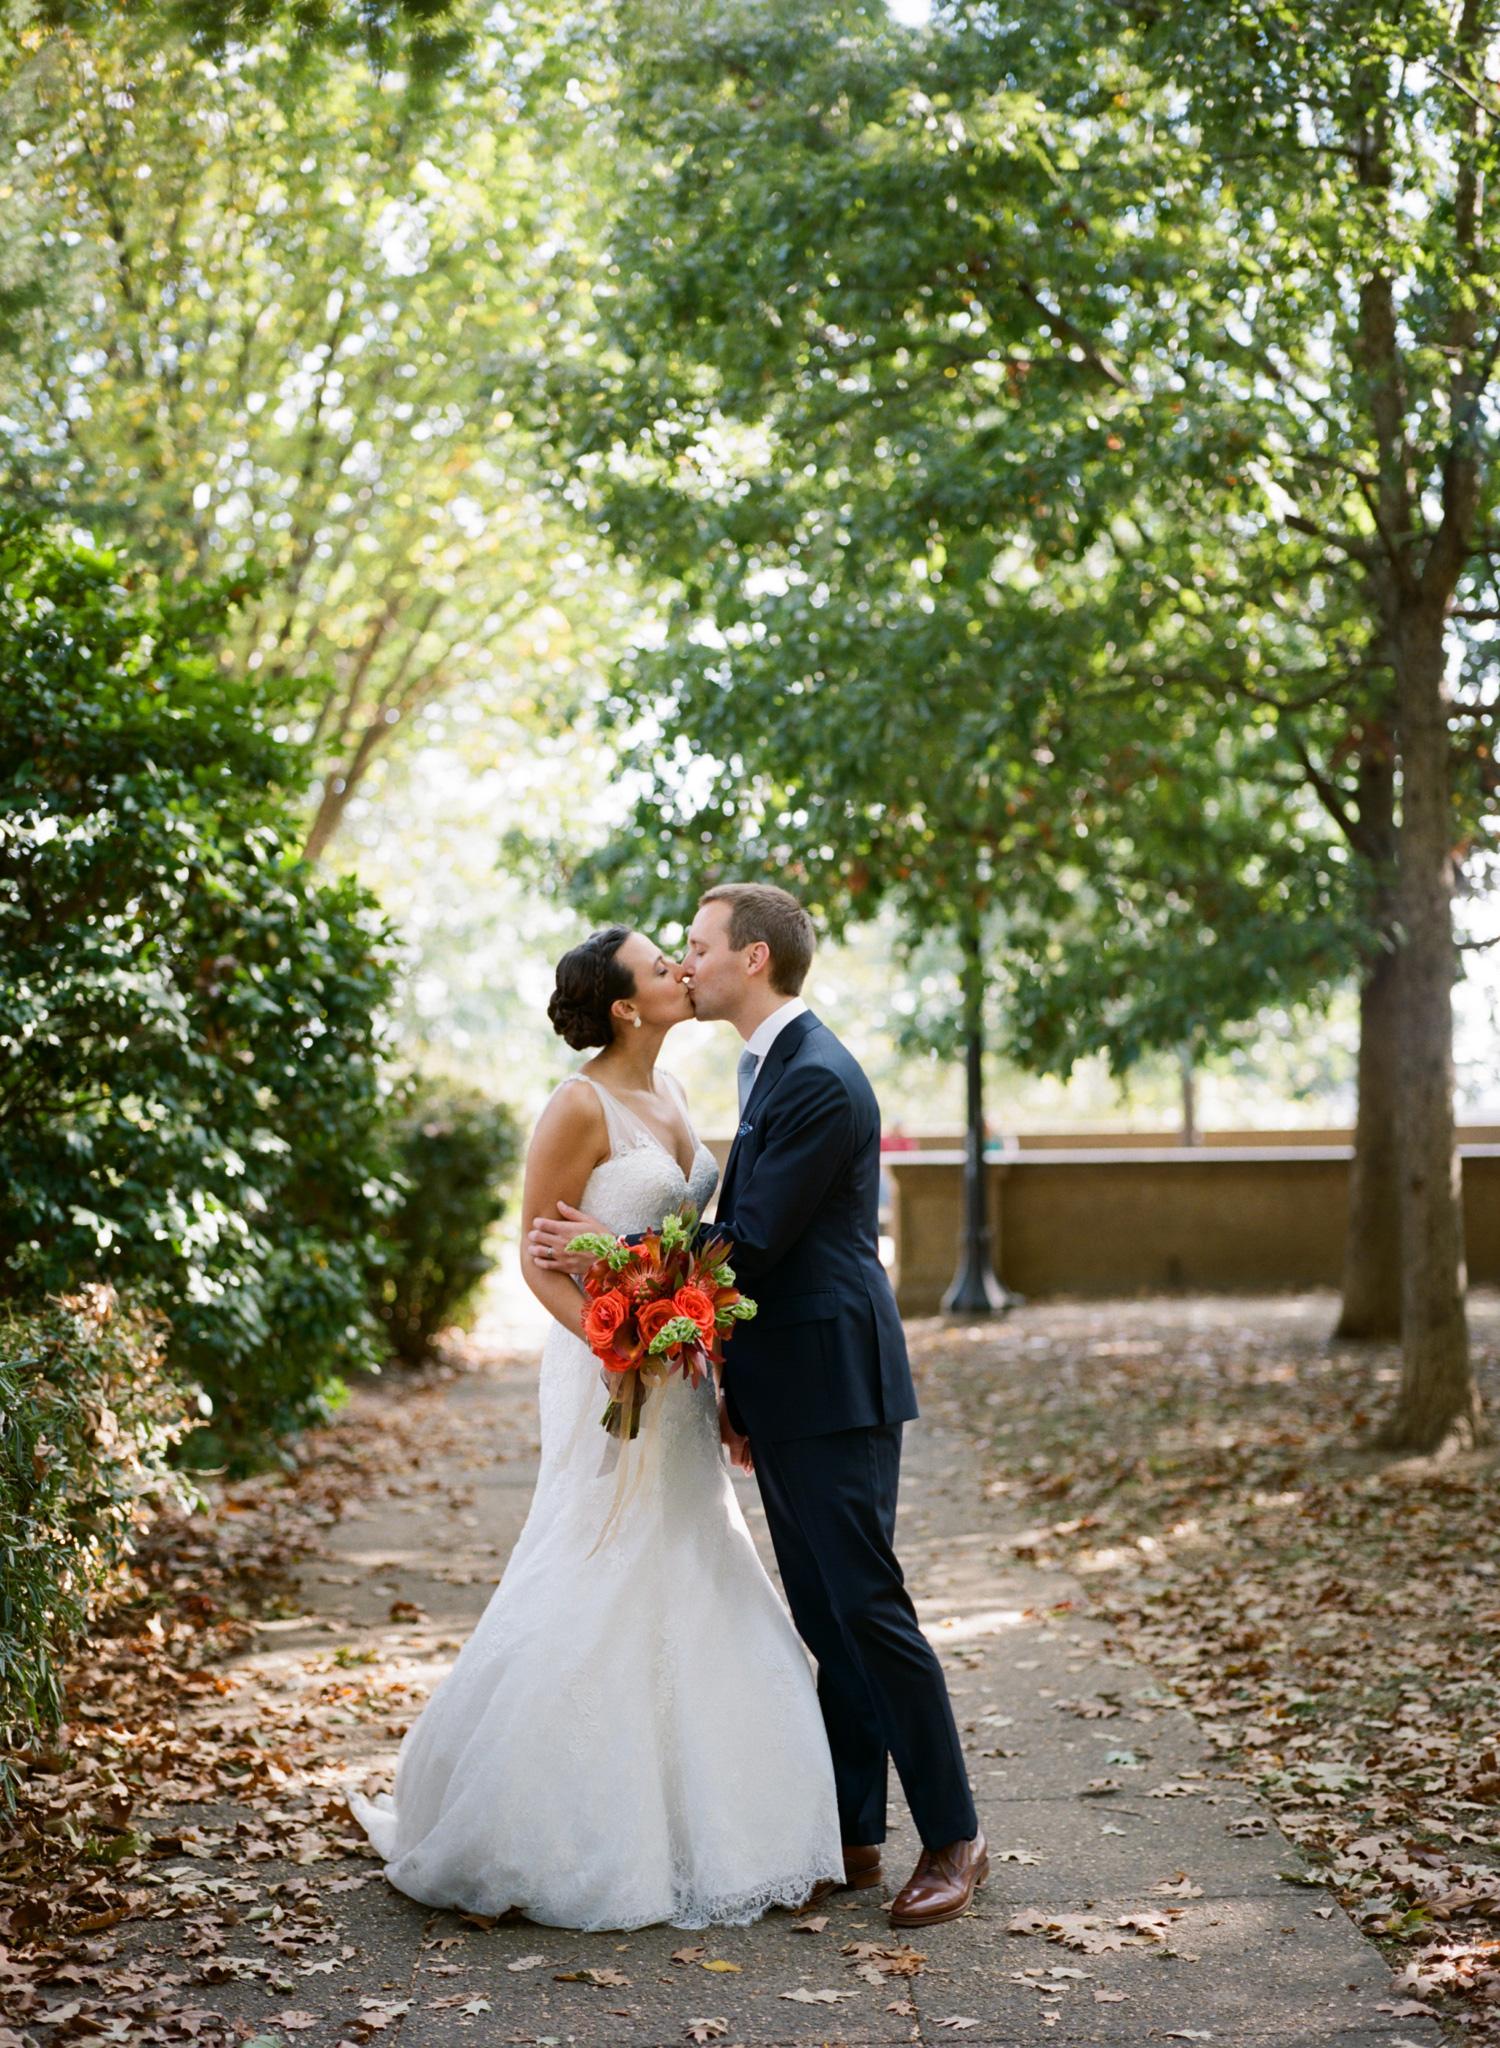 599-meridan-hill-park-wedding.jpg